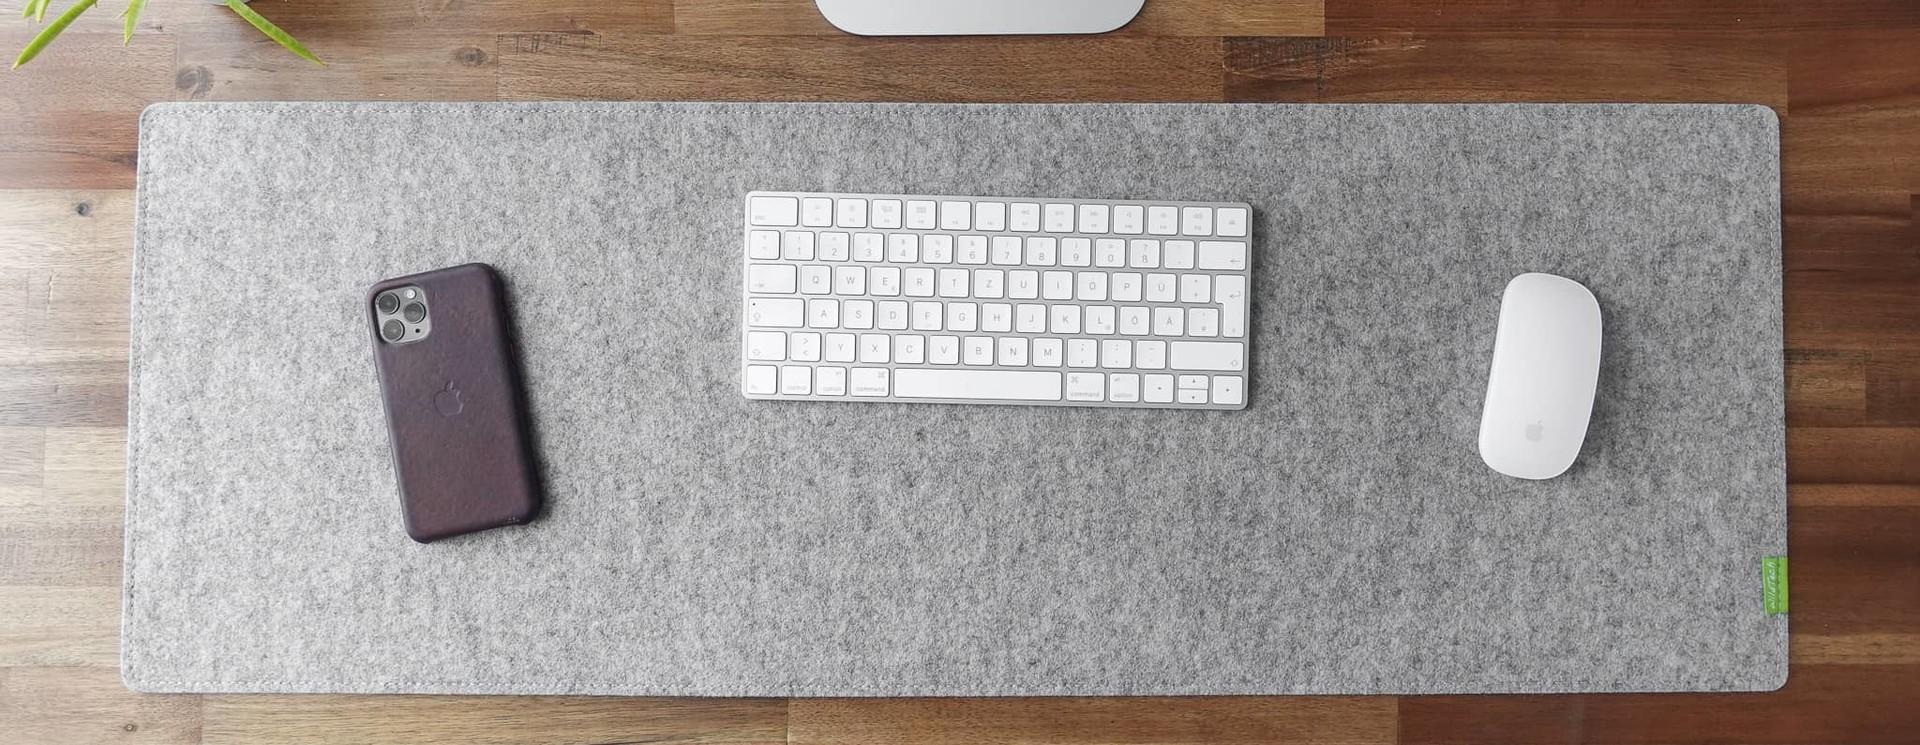 DeskPads of felt